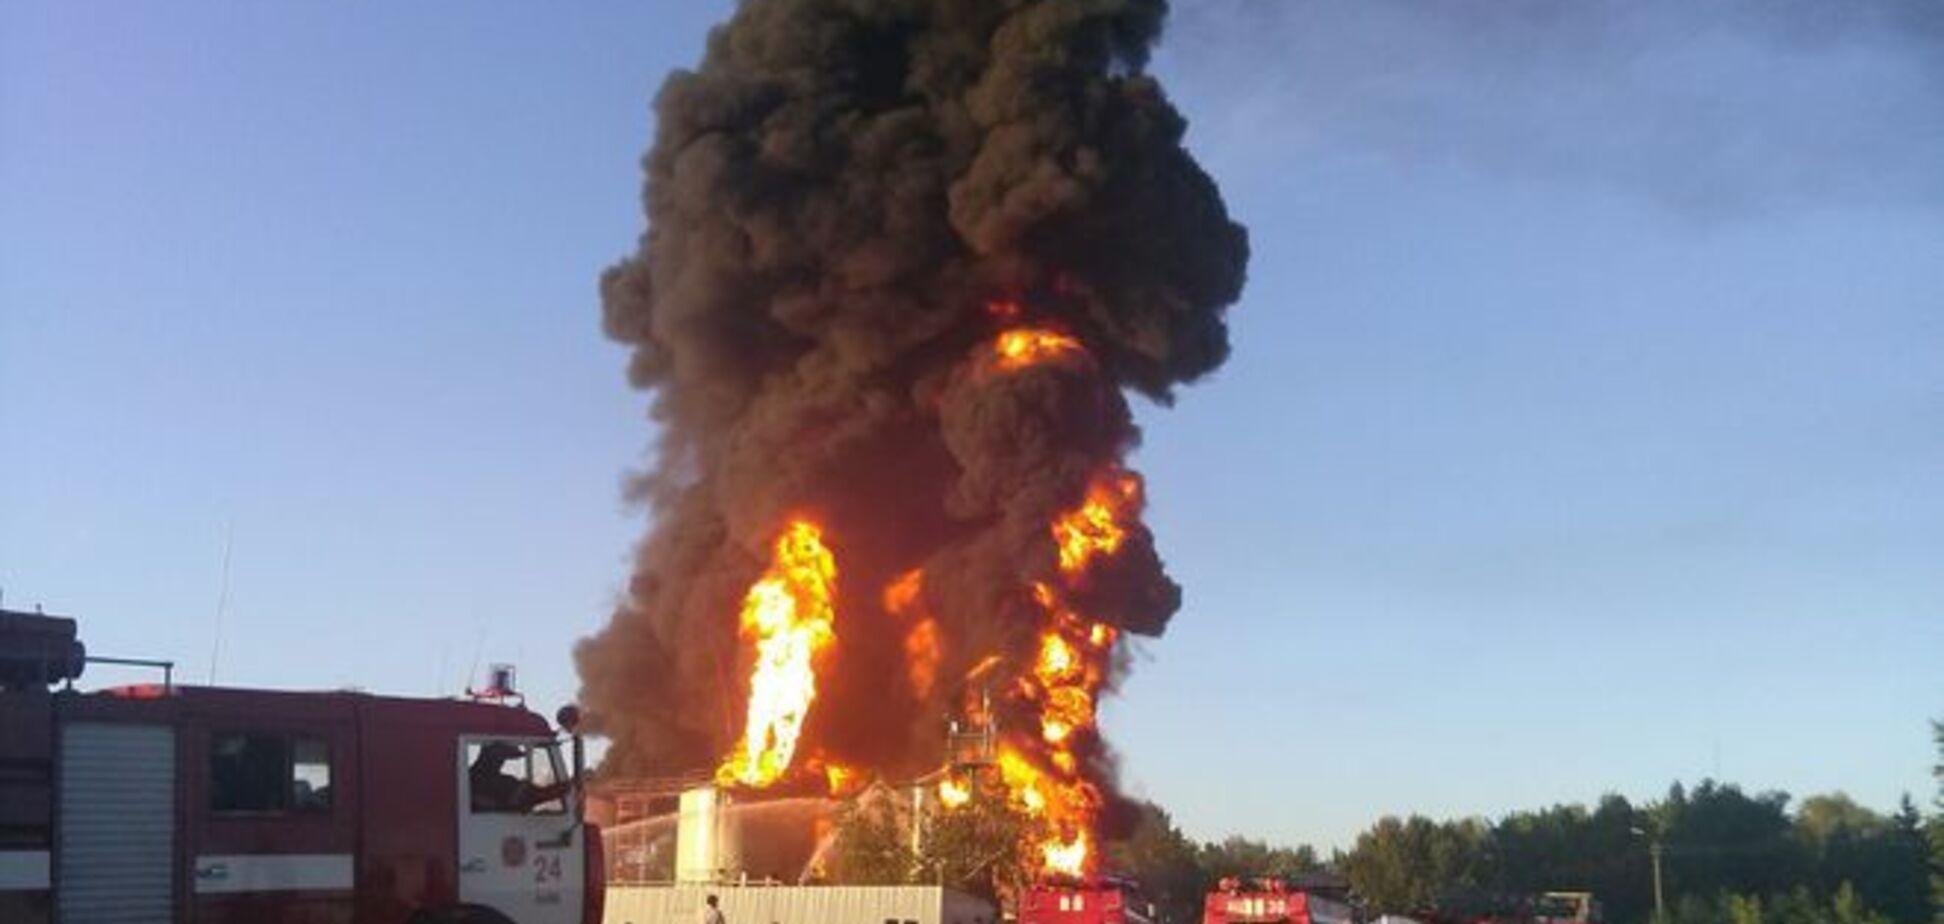 Пламя высотой с 9-этажку: опубликованы фото и видео масштабного пожара на нефтебазе в Василькове